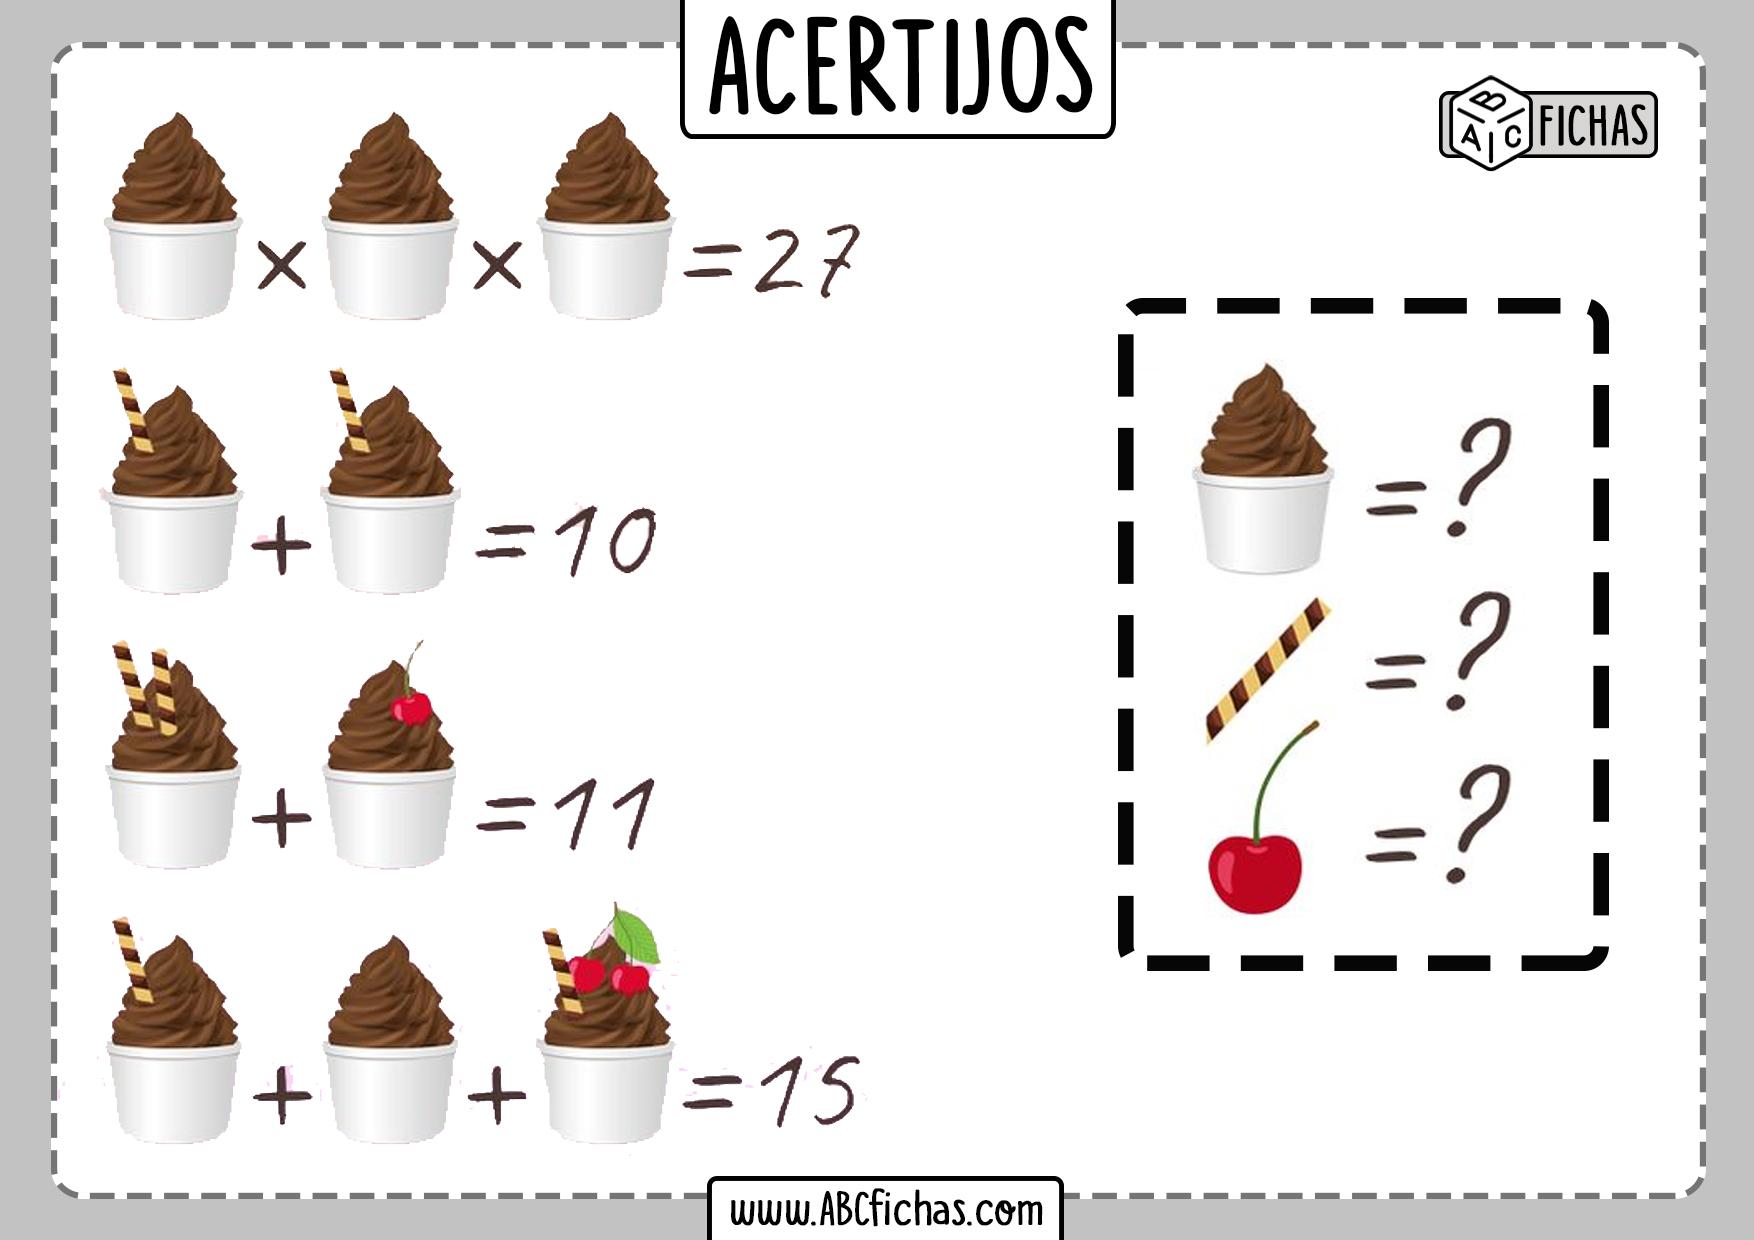 Acertijos de matematicas de numeros con dibujos